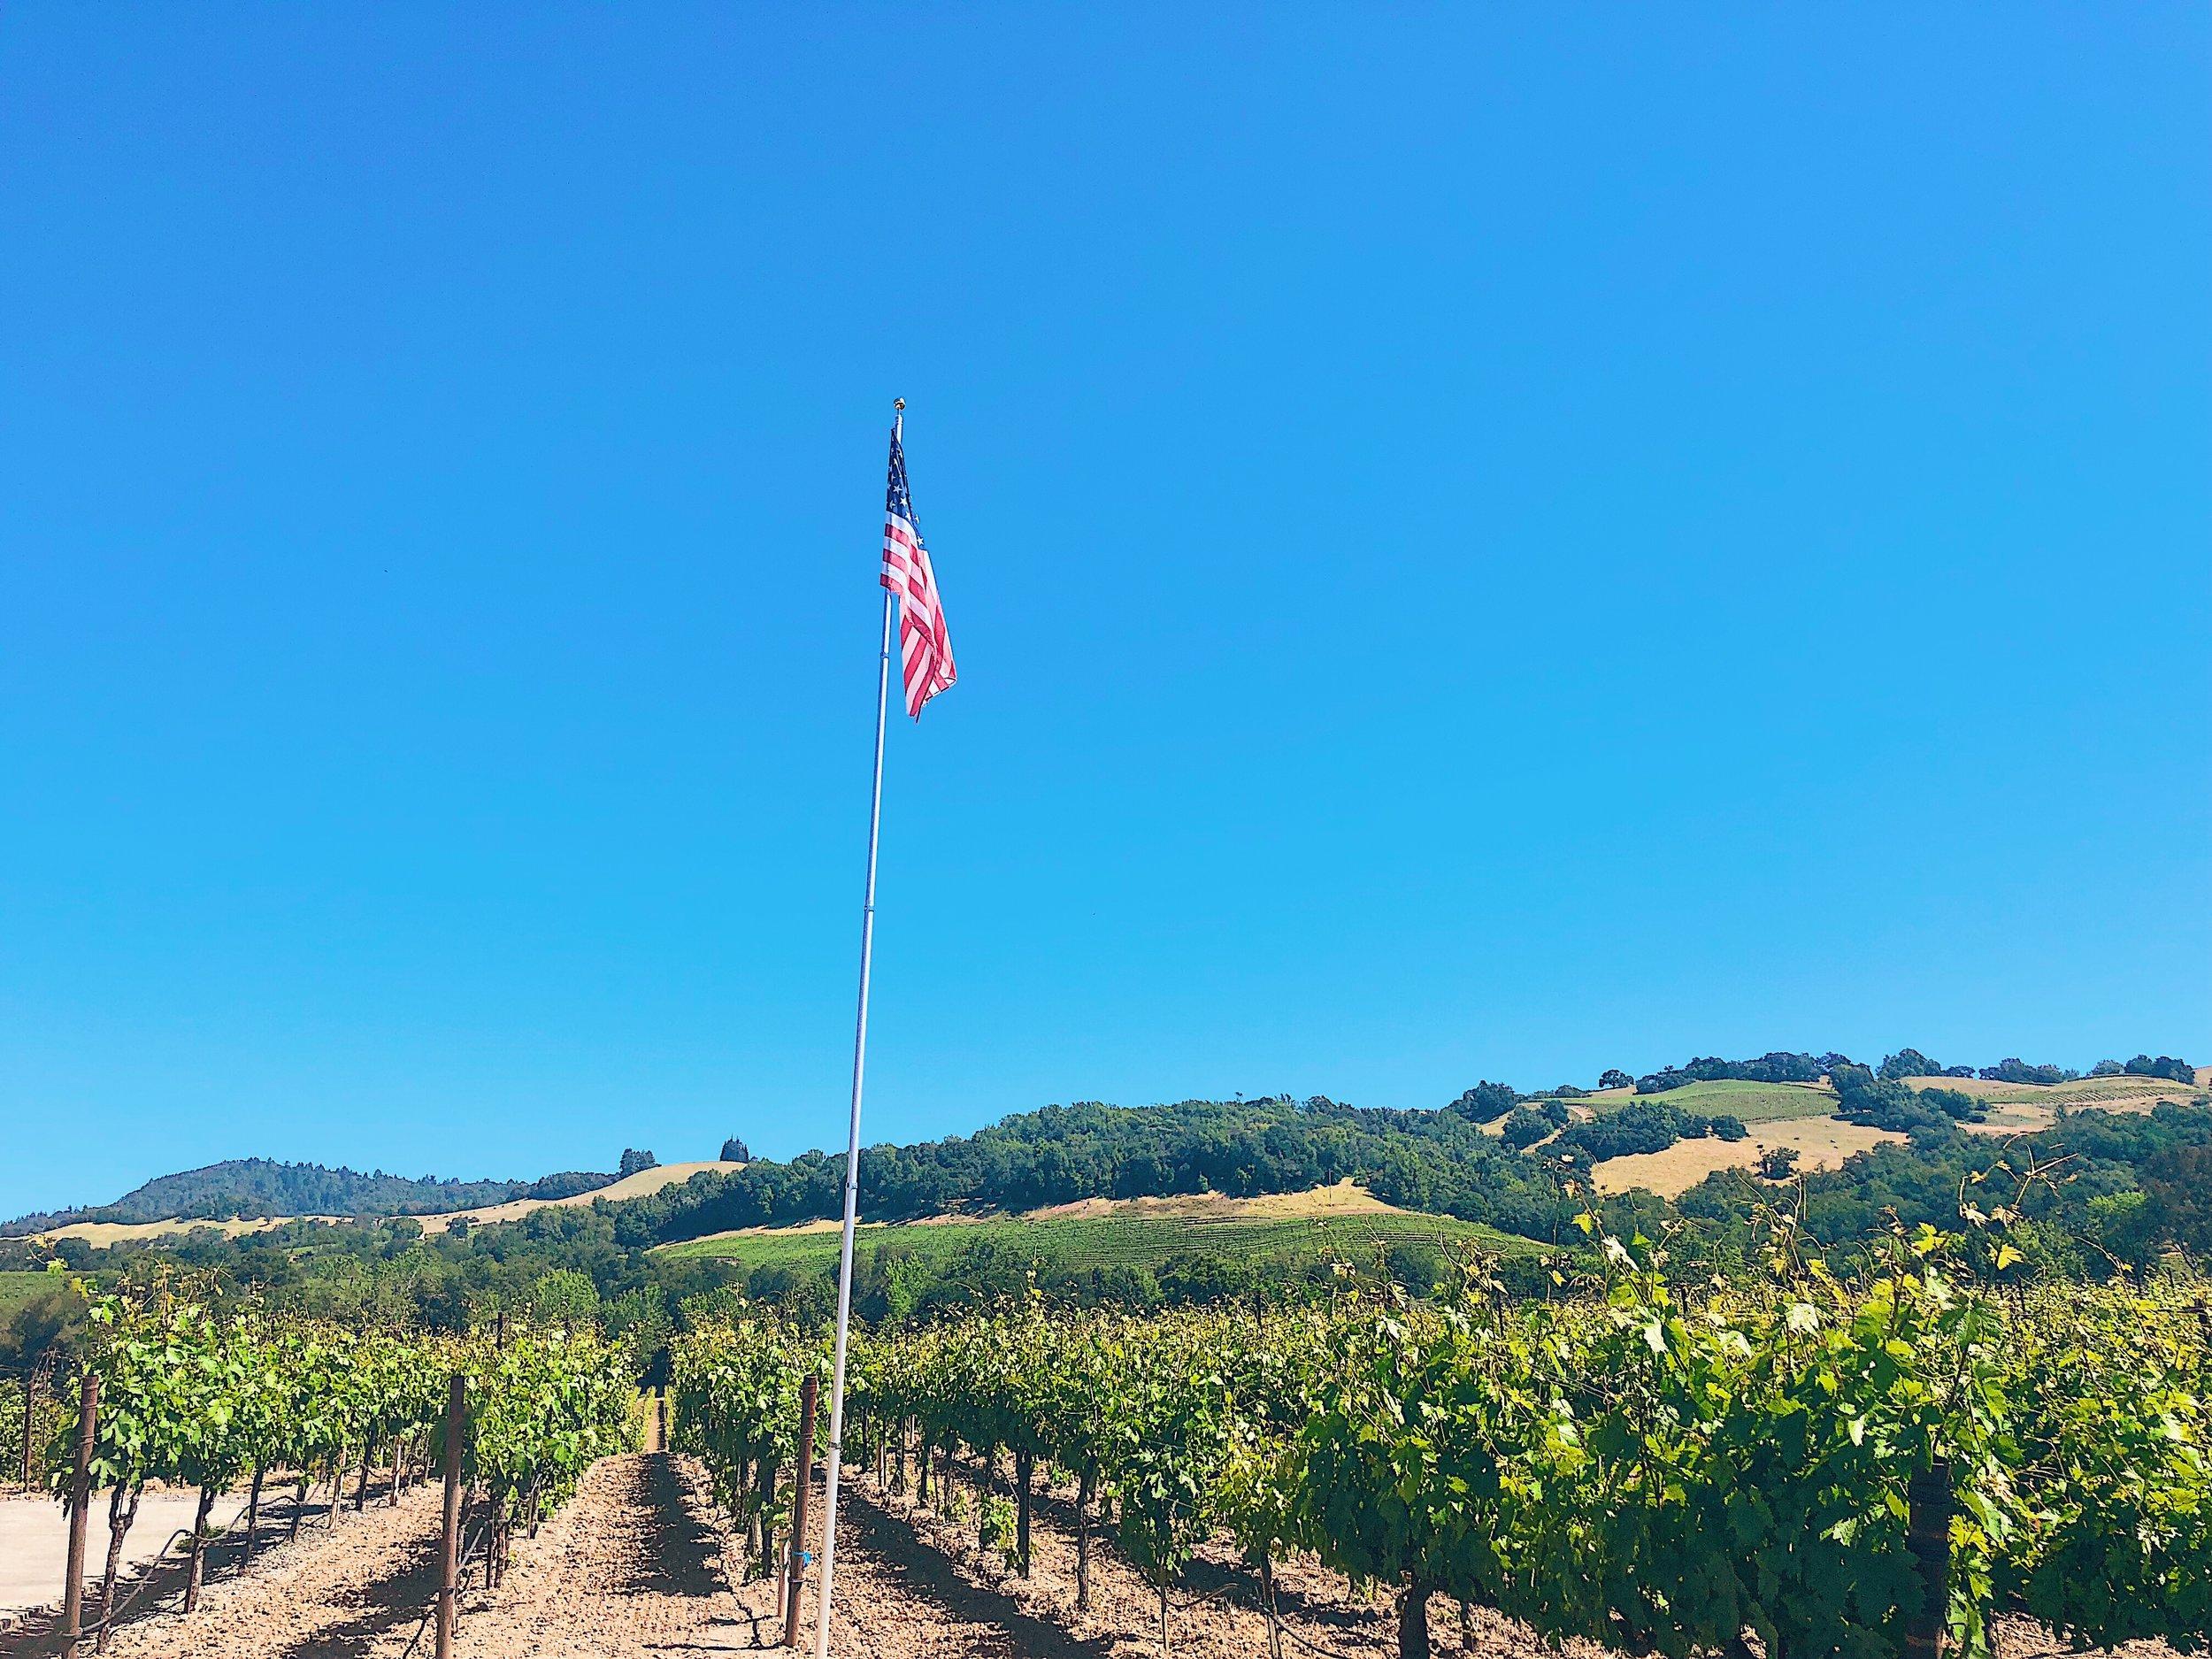 Vineyard Views At Viszlay